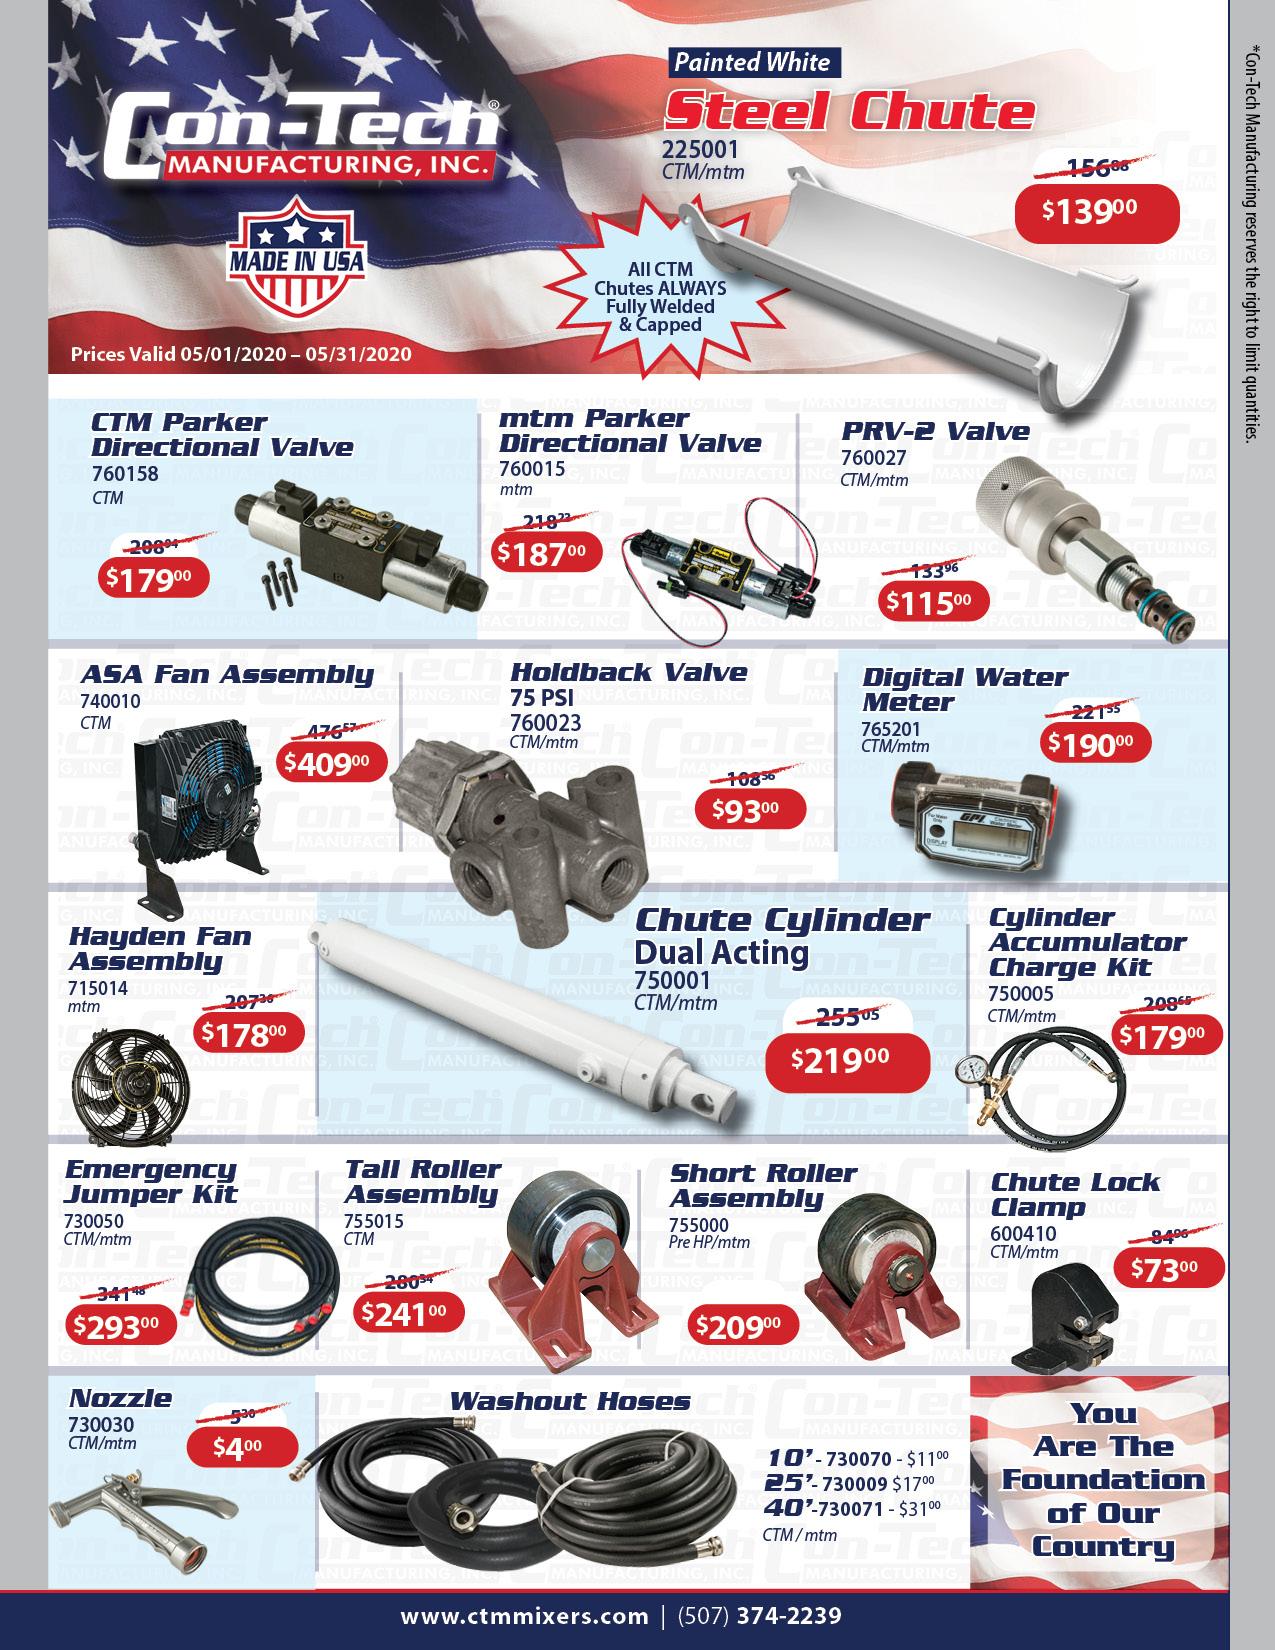 con-tech-may-2020-parts-flyer.jpg